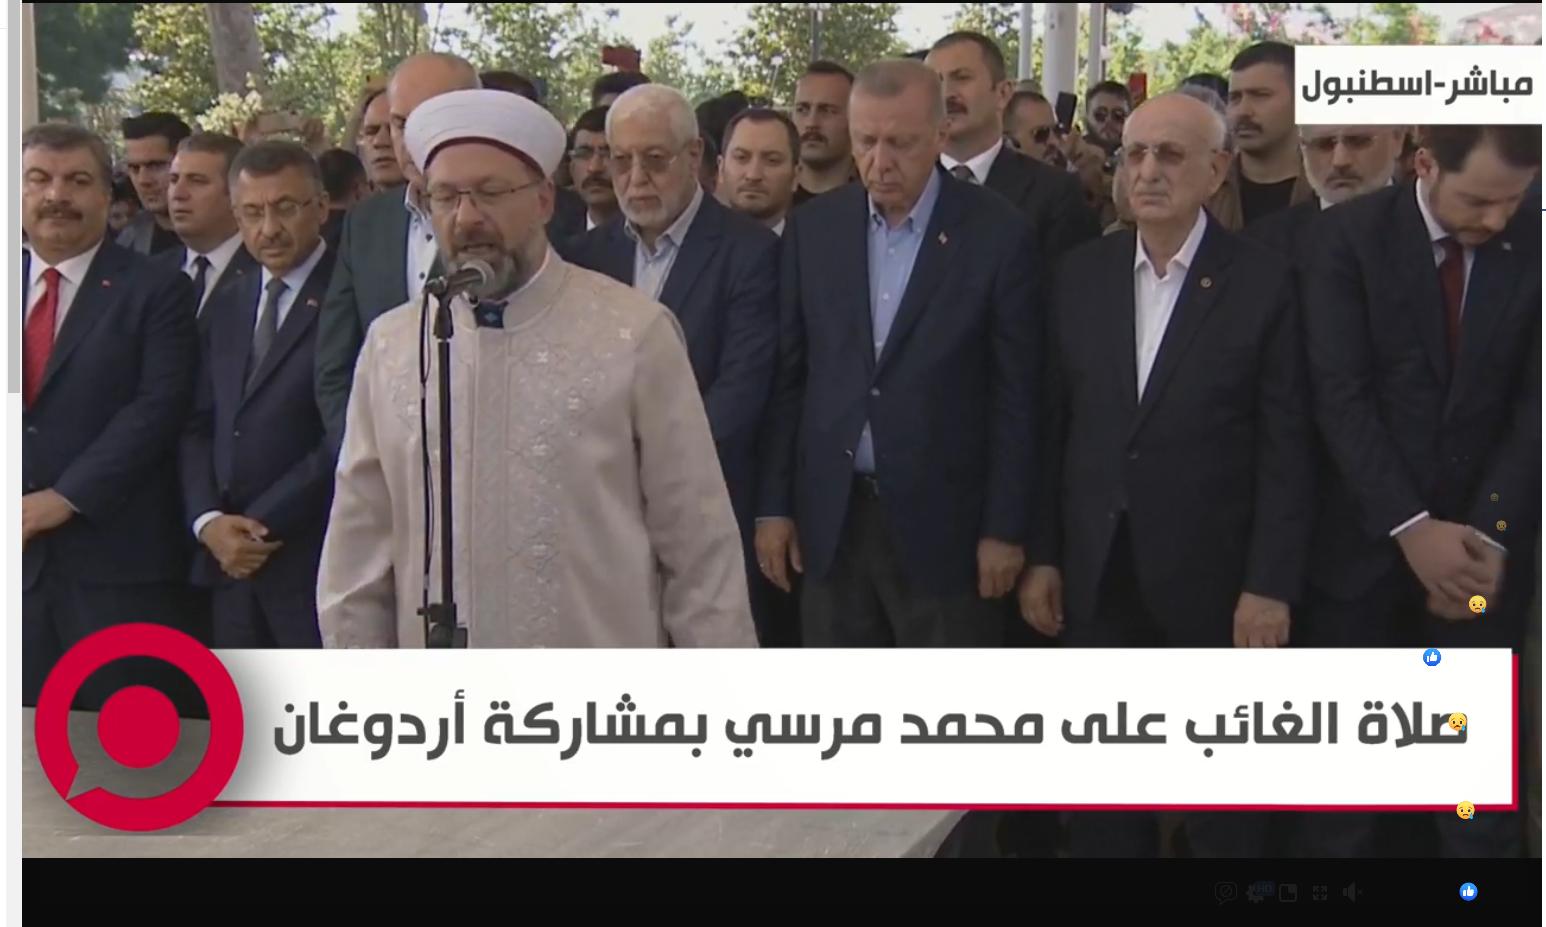 مباشر..صلاة الغائب على محمد مرسي بمشاركة أردوغان